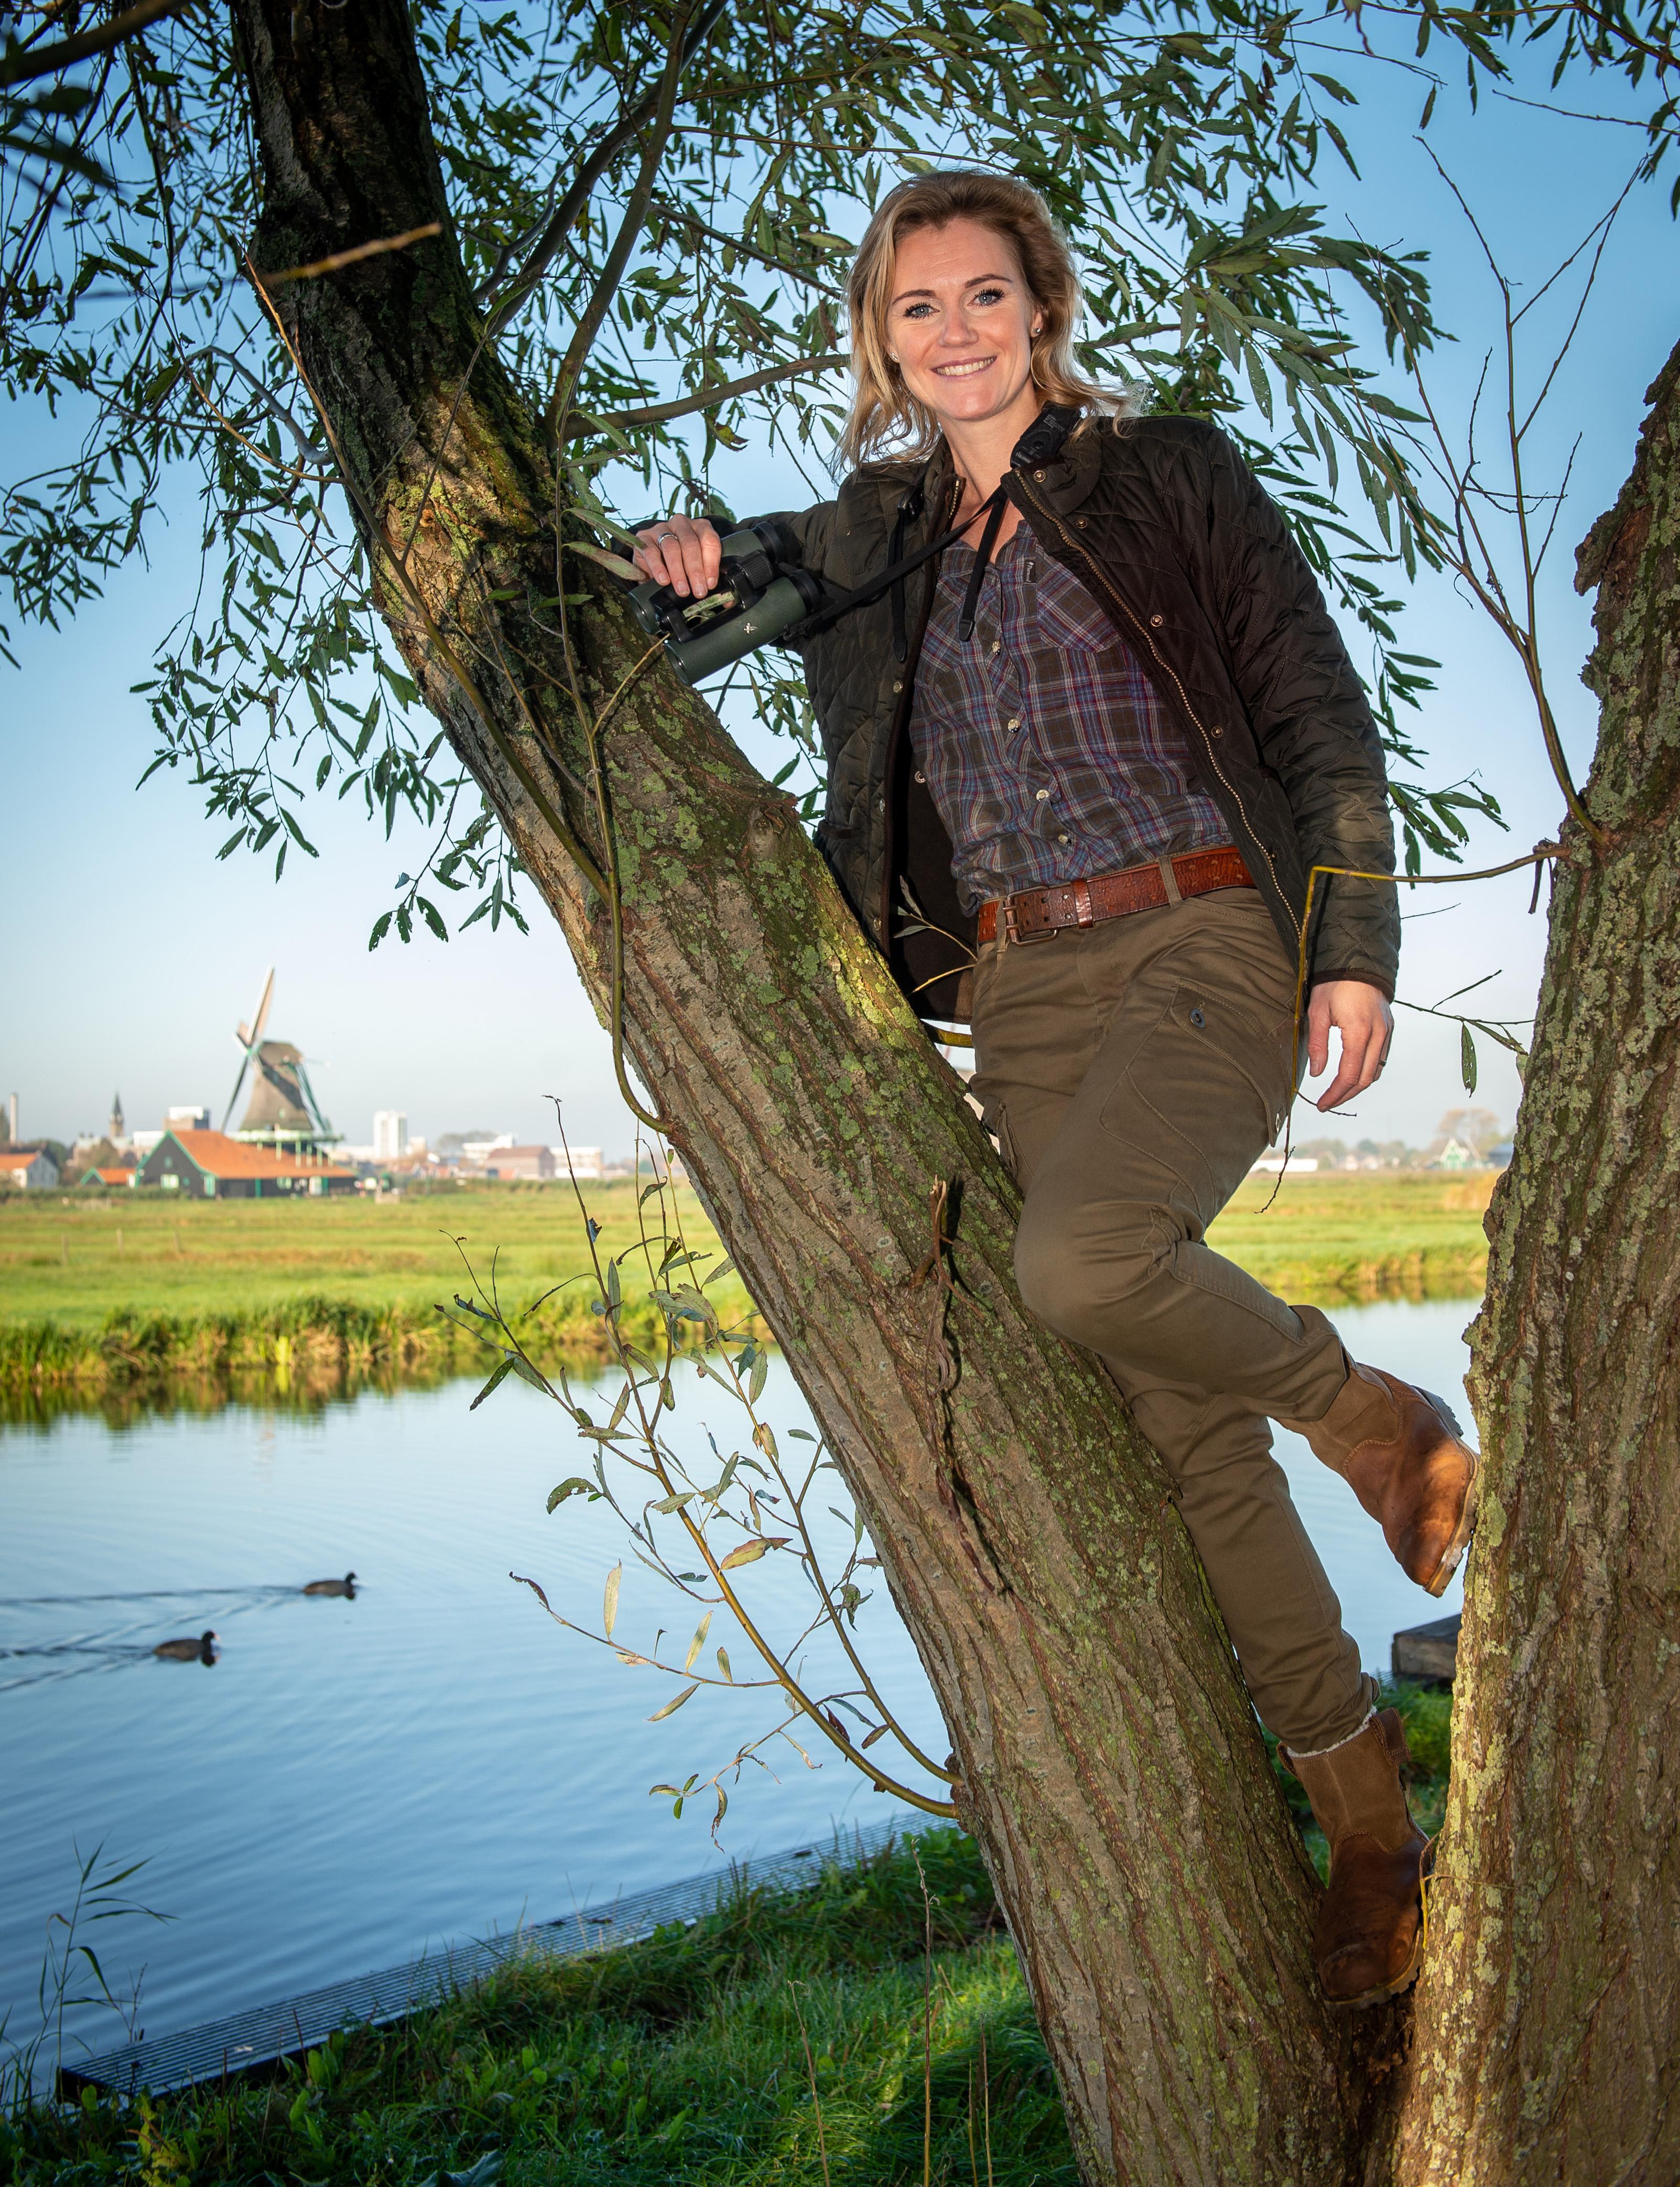 Boswachter Hanne Tersmette snuift graag de cacaolucht van de Zaanstreek op en verlangt soms naar lange polderwegen